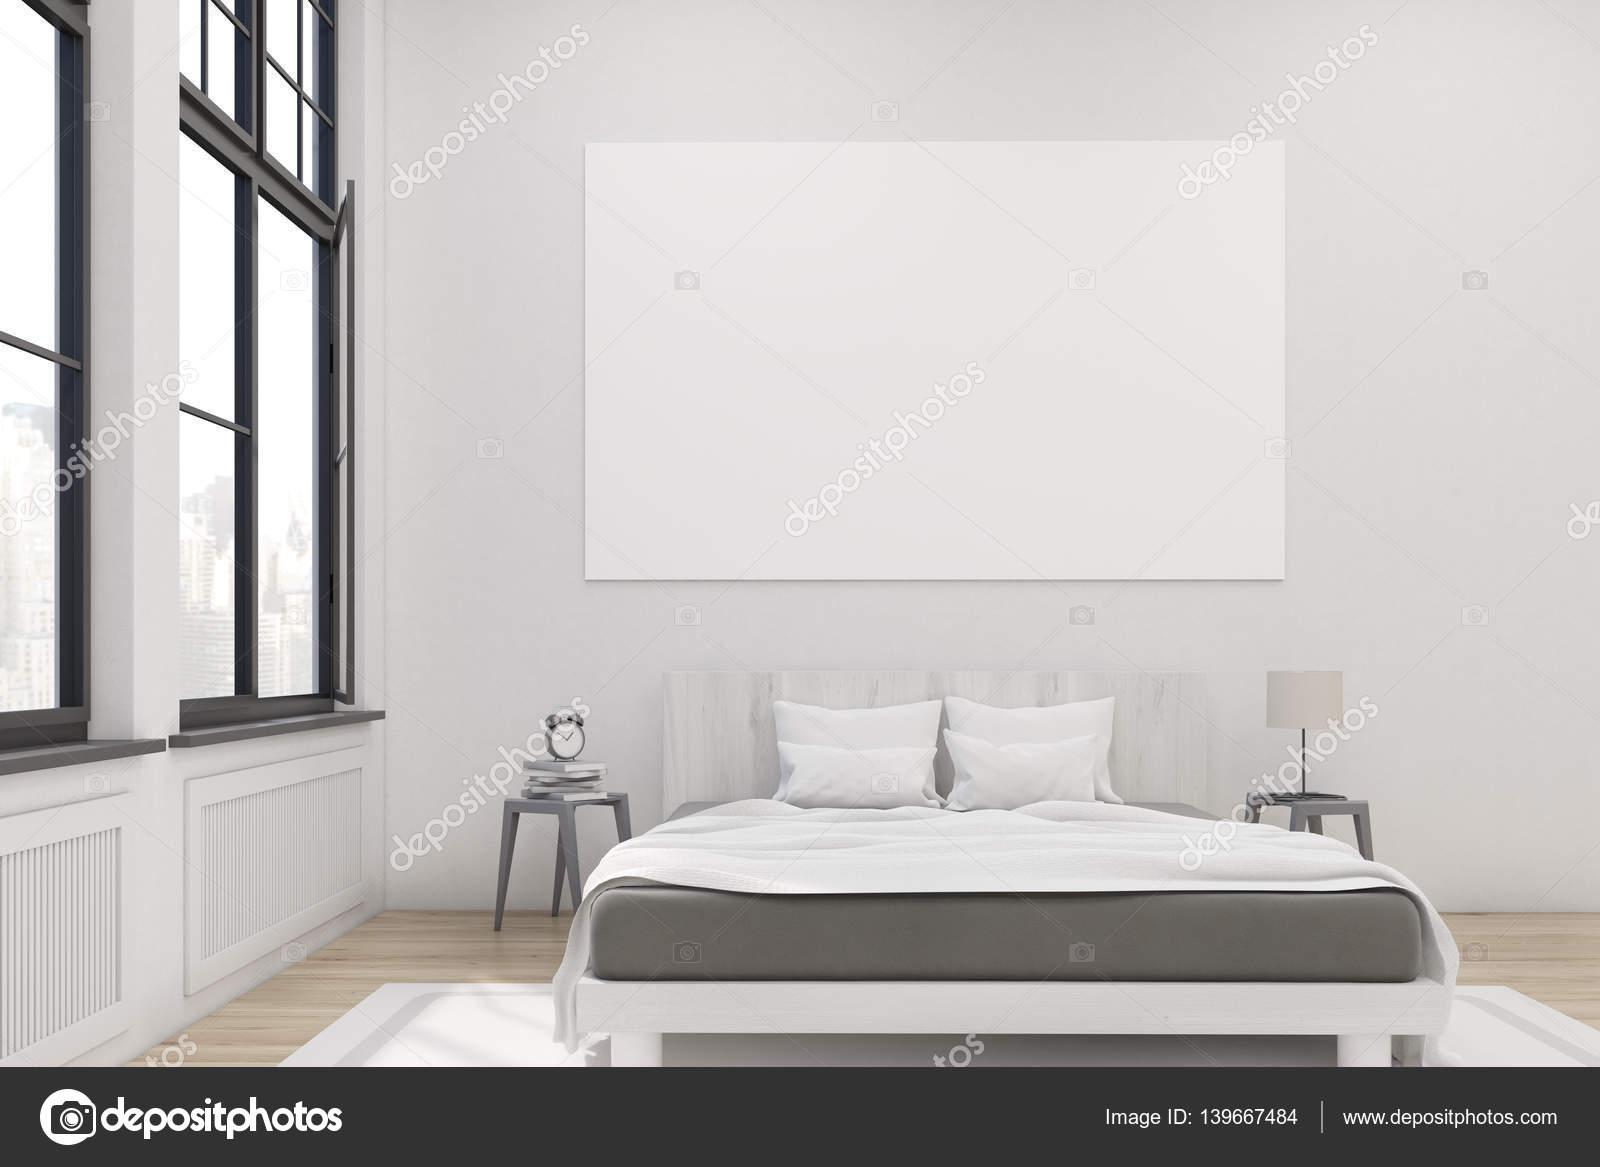 3d denisismagilov 139667484. Black Bedroom Furniture Sets. Home Design Ideas